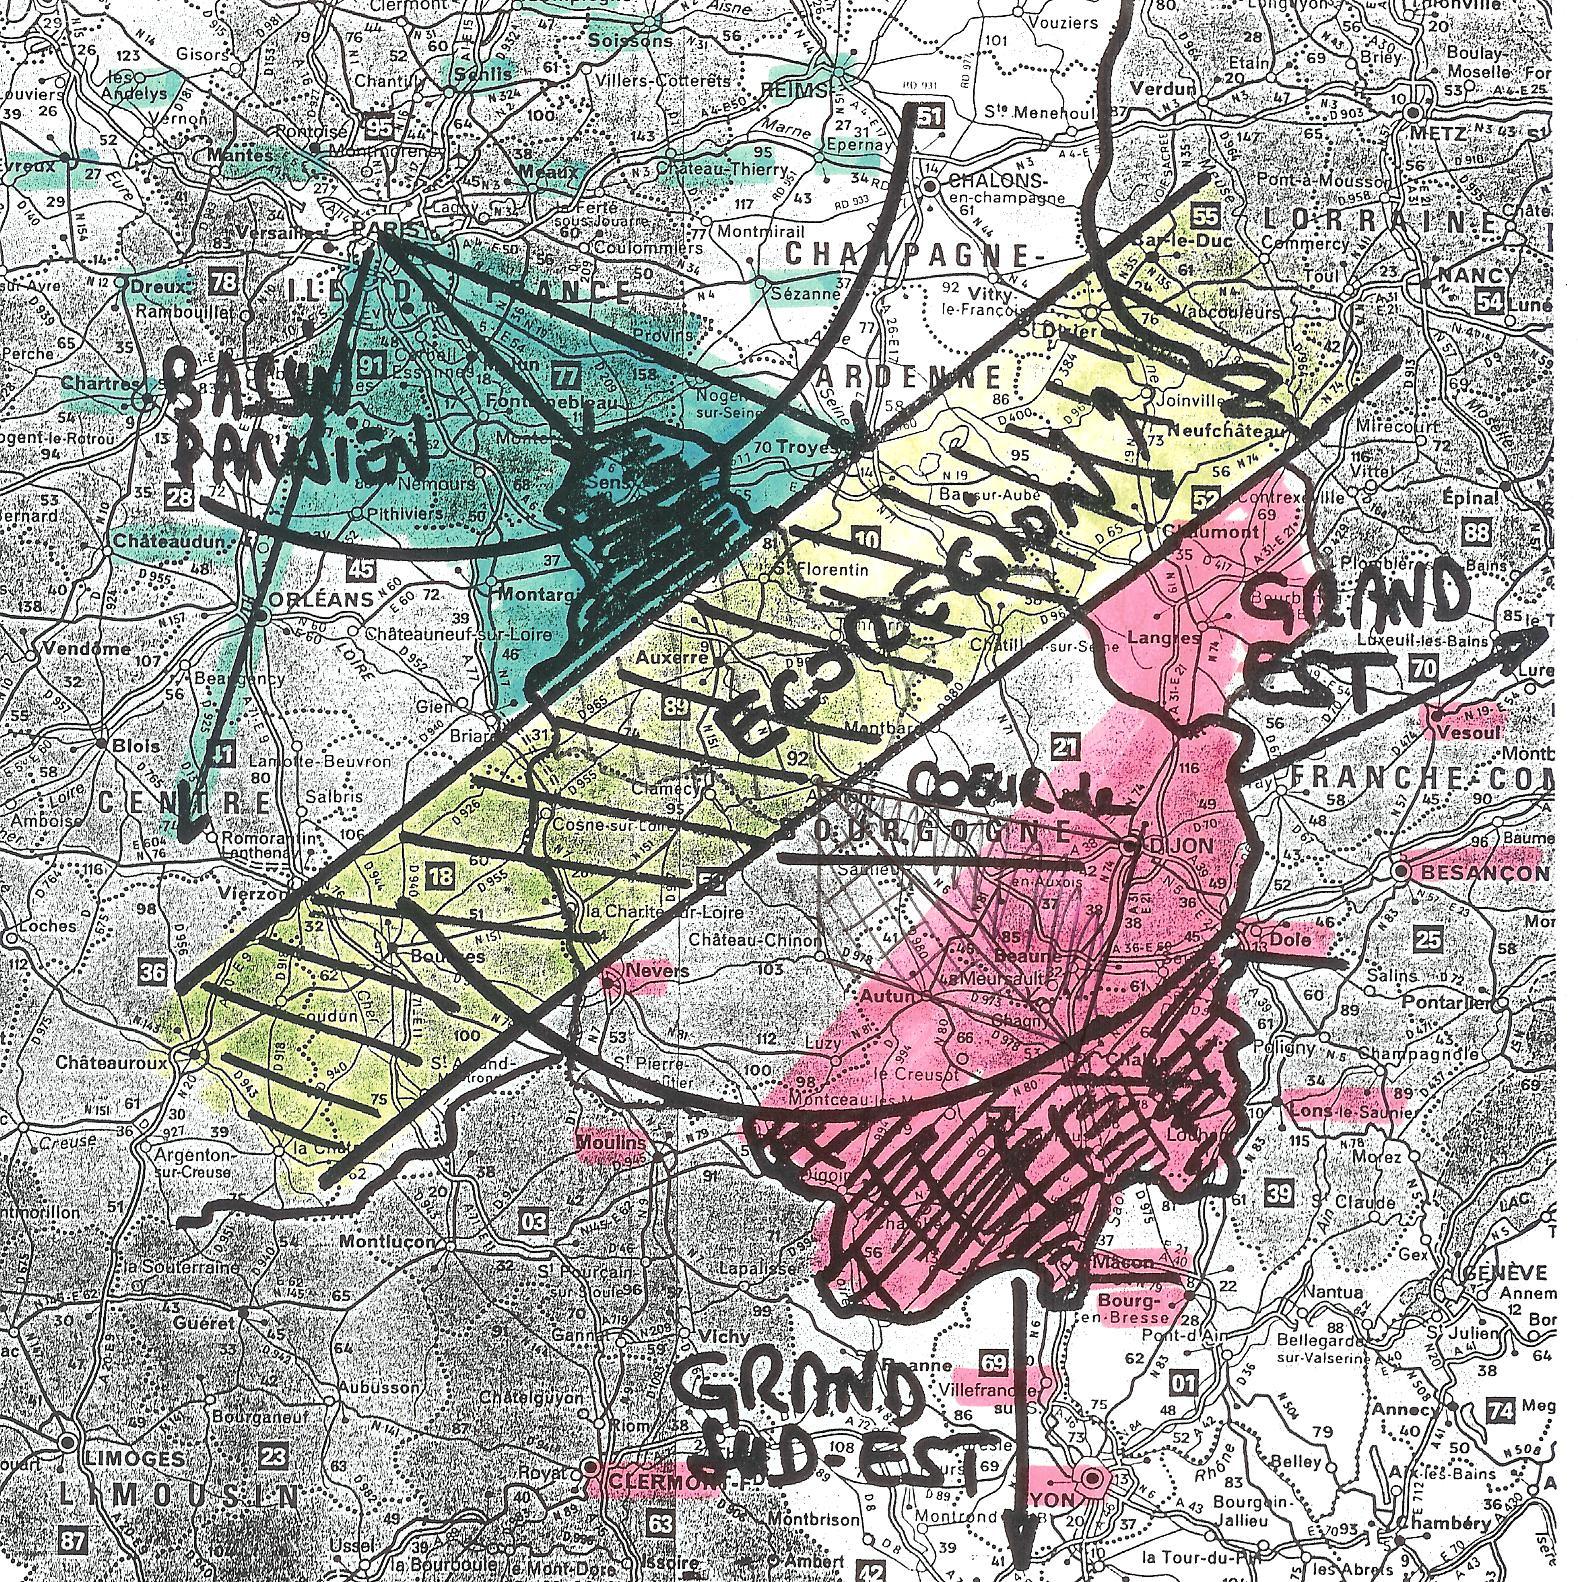 ecoregion-plan-redressement-version-3-2009-02-17